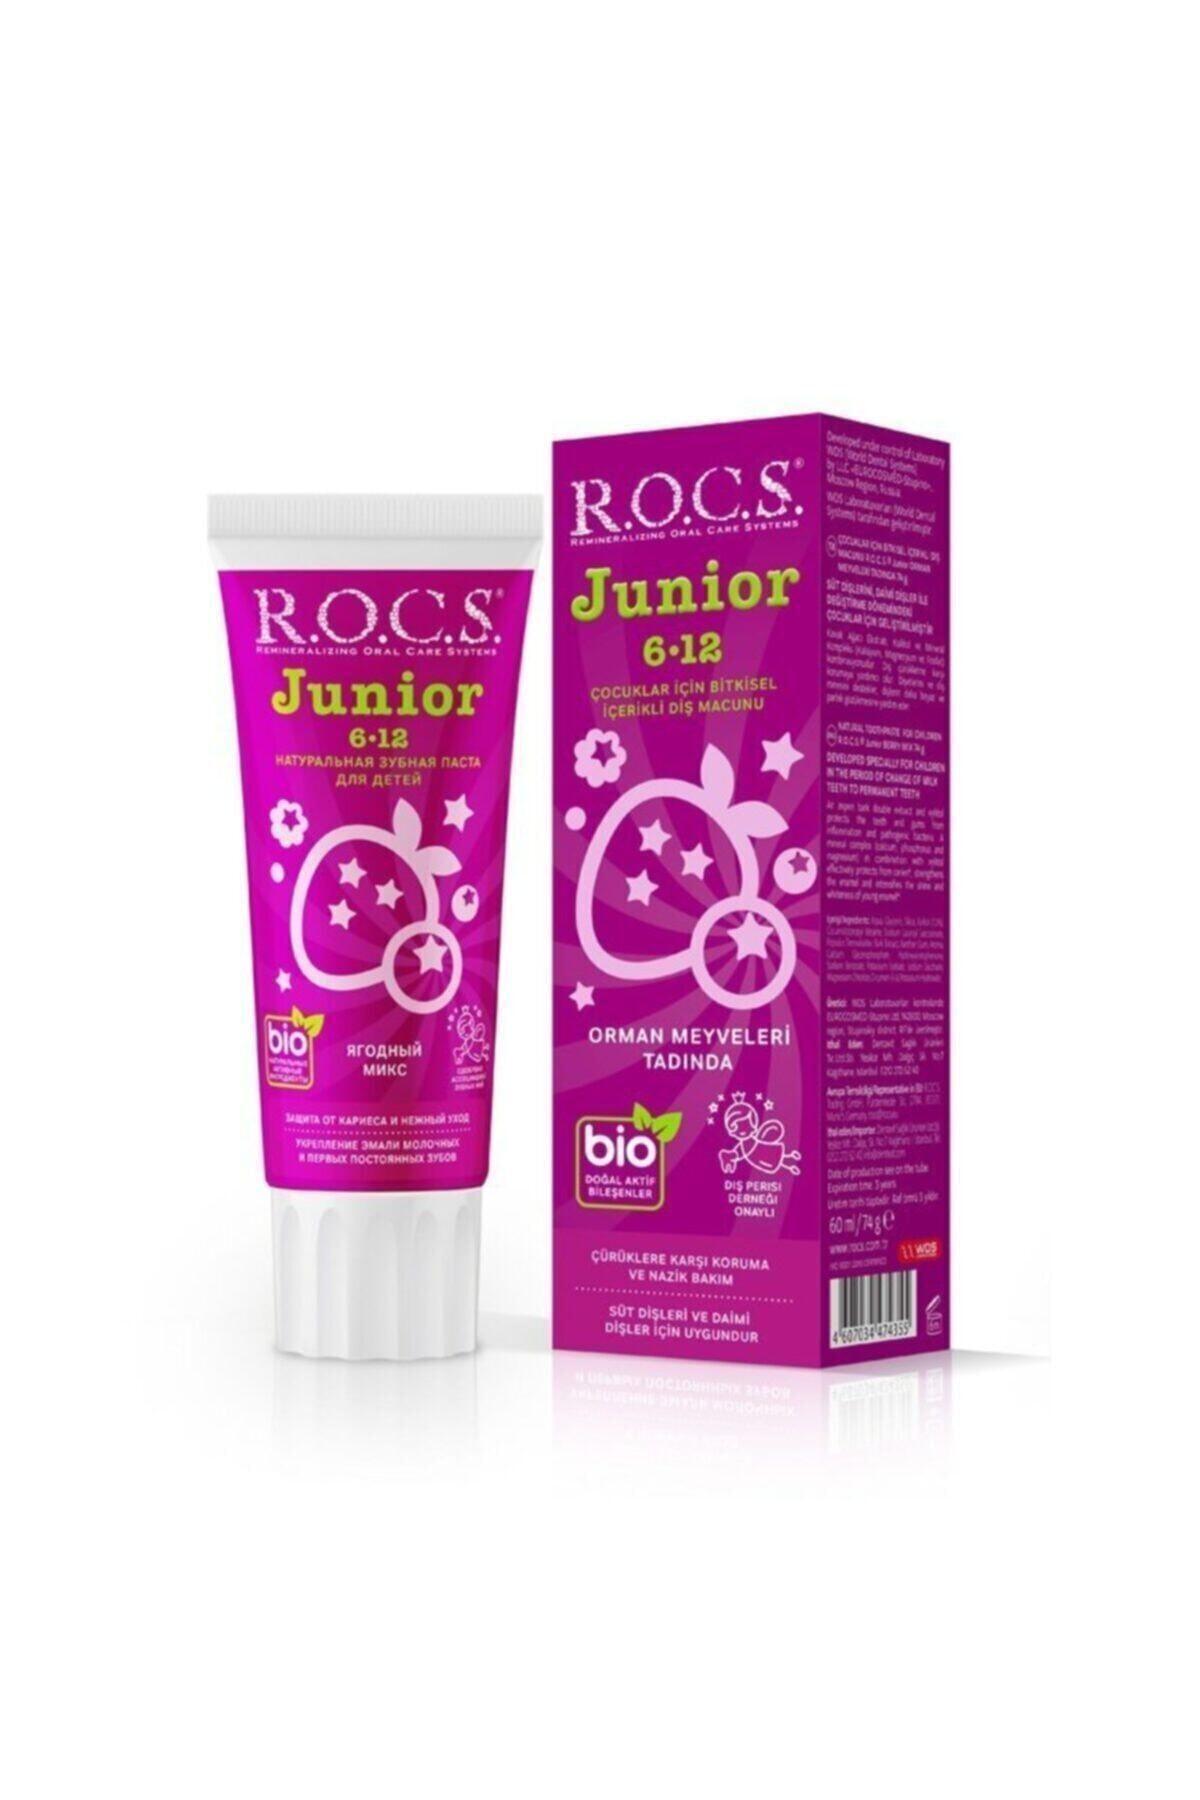 R.O.C.S. Rocs Junior 6 12 Orman Meyveleri Tadında 60 ml 1